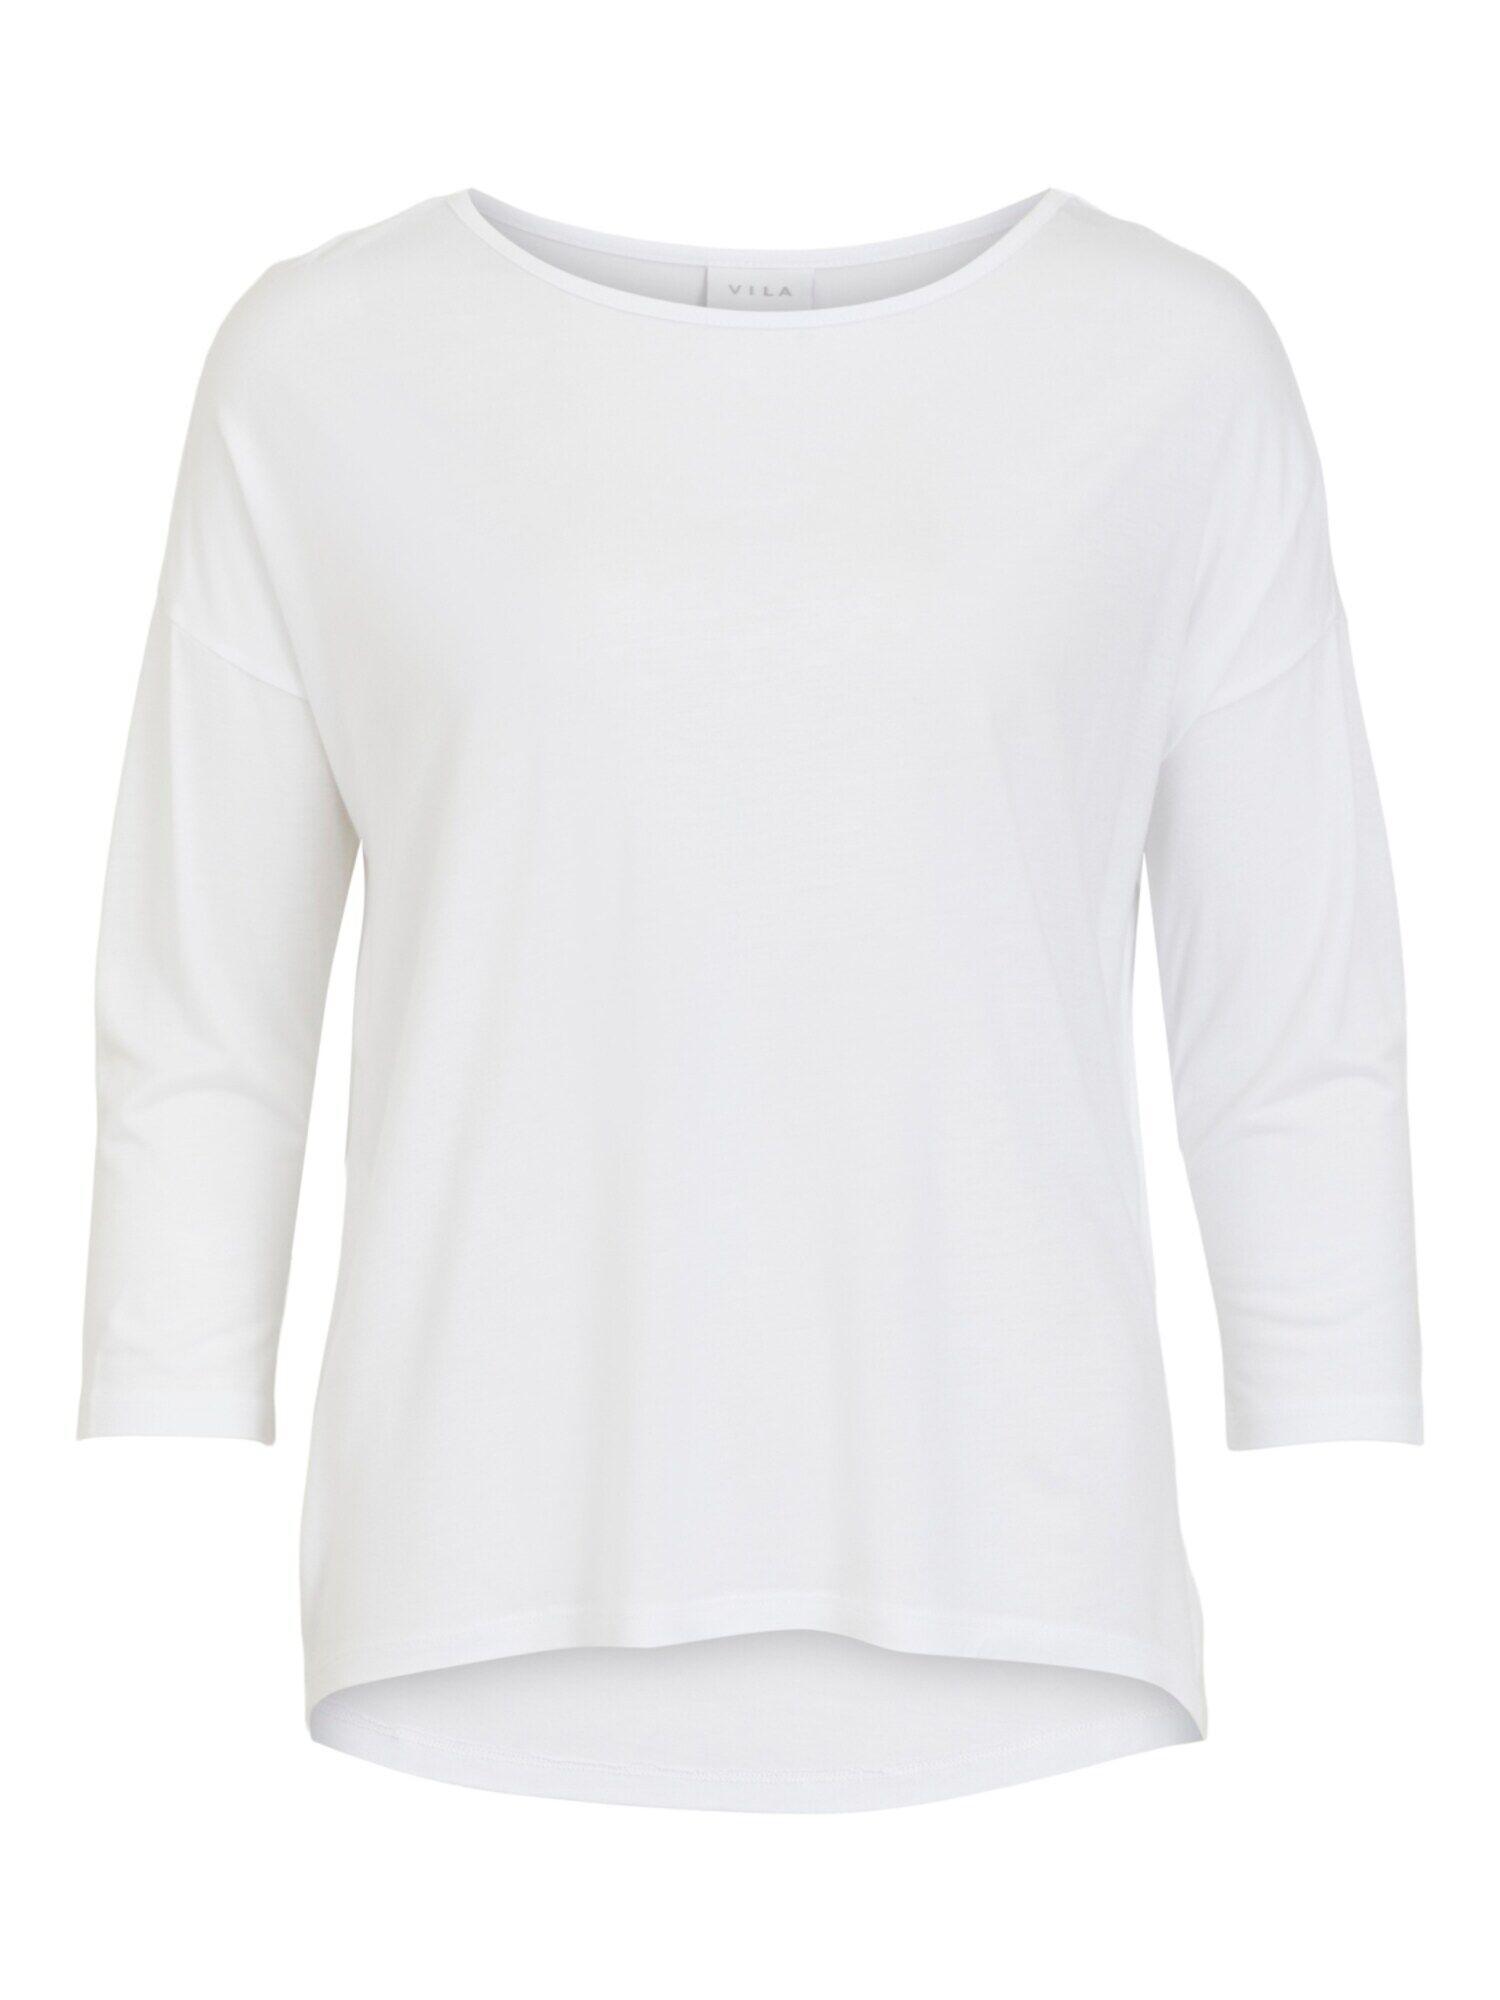 VILA Maglietta 'SCOOP' Bianco